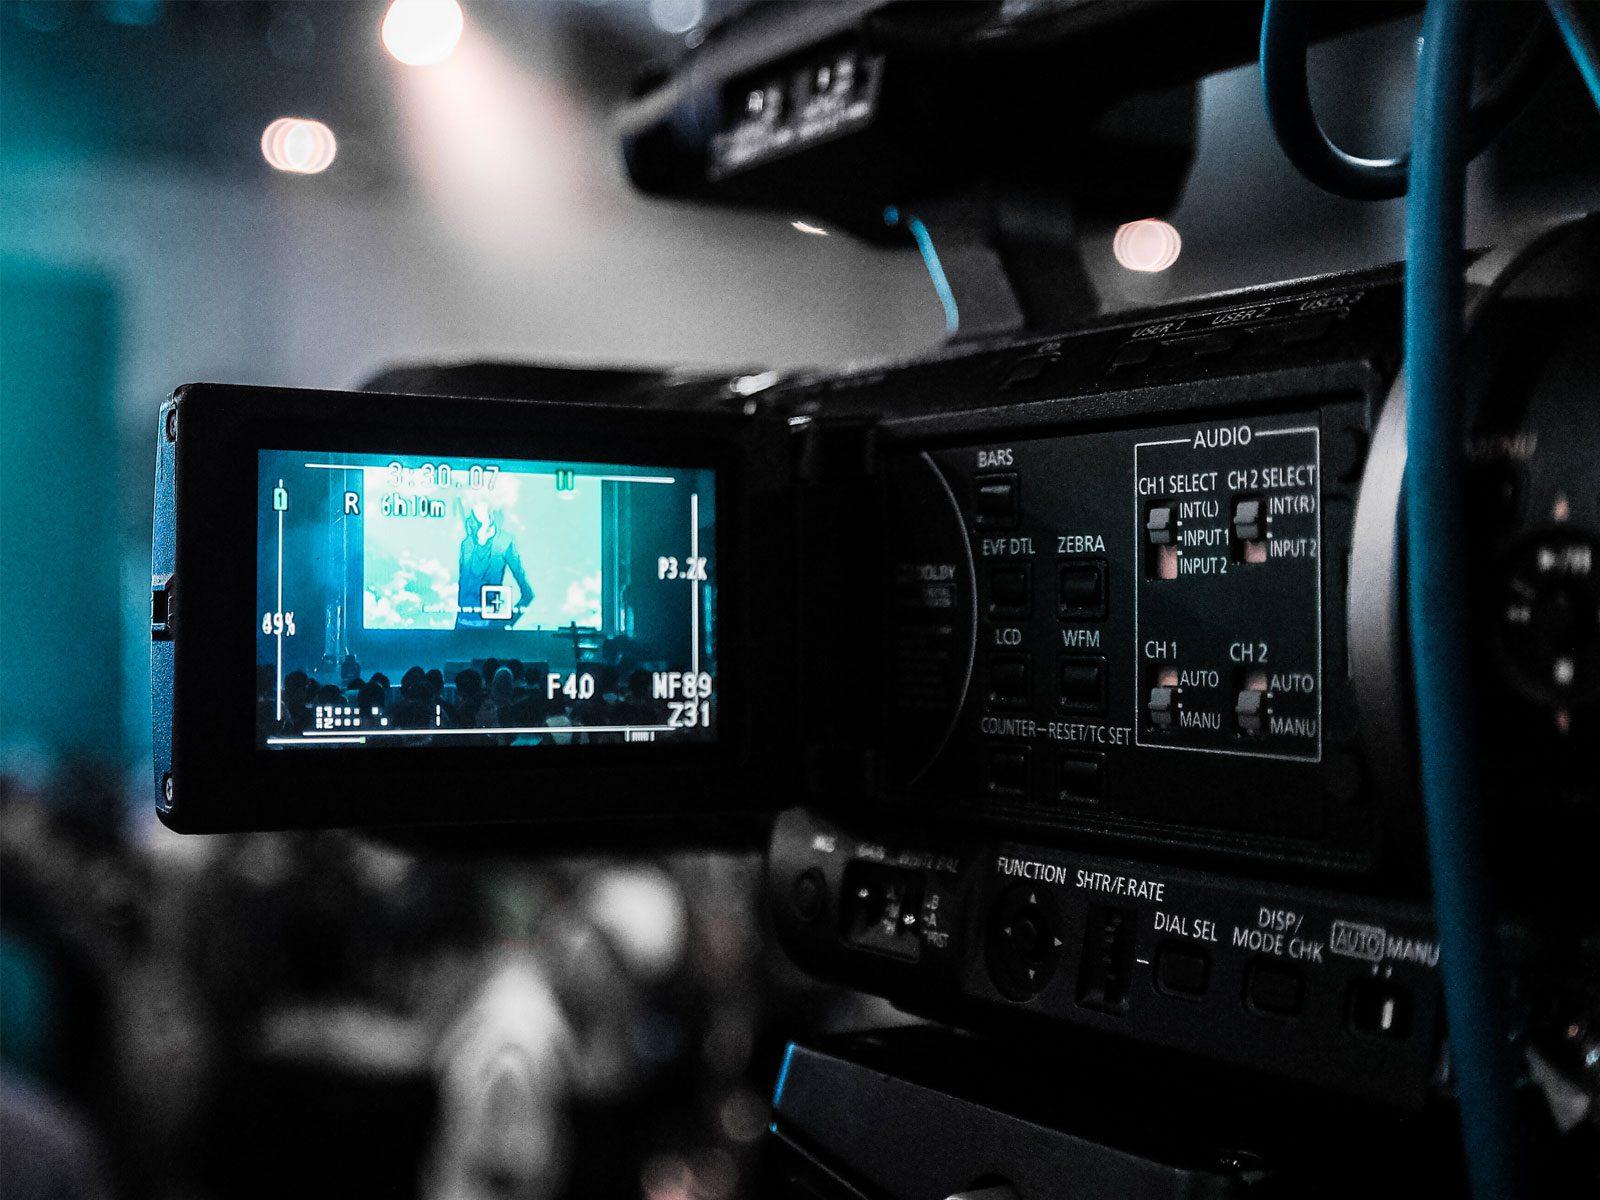 イベントを撮影するカメラのモニター画面